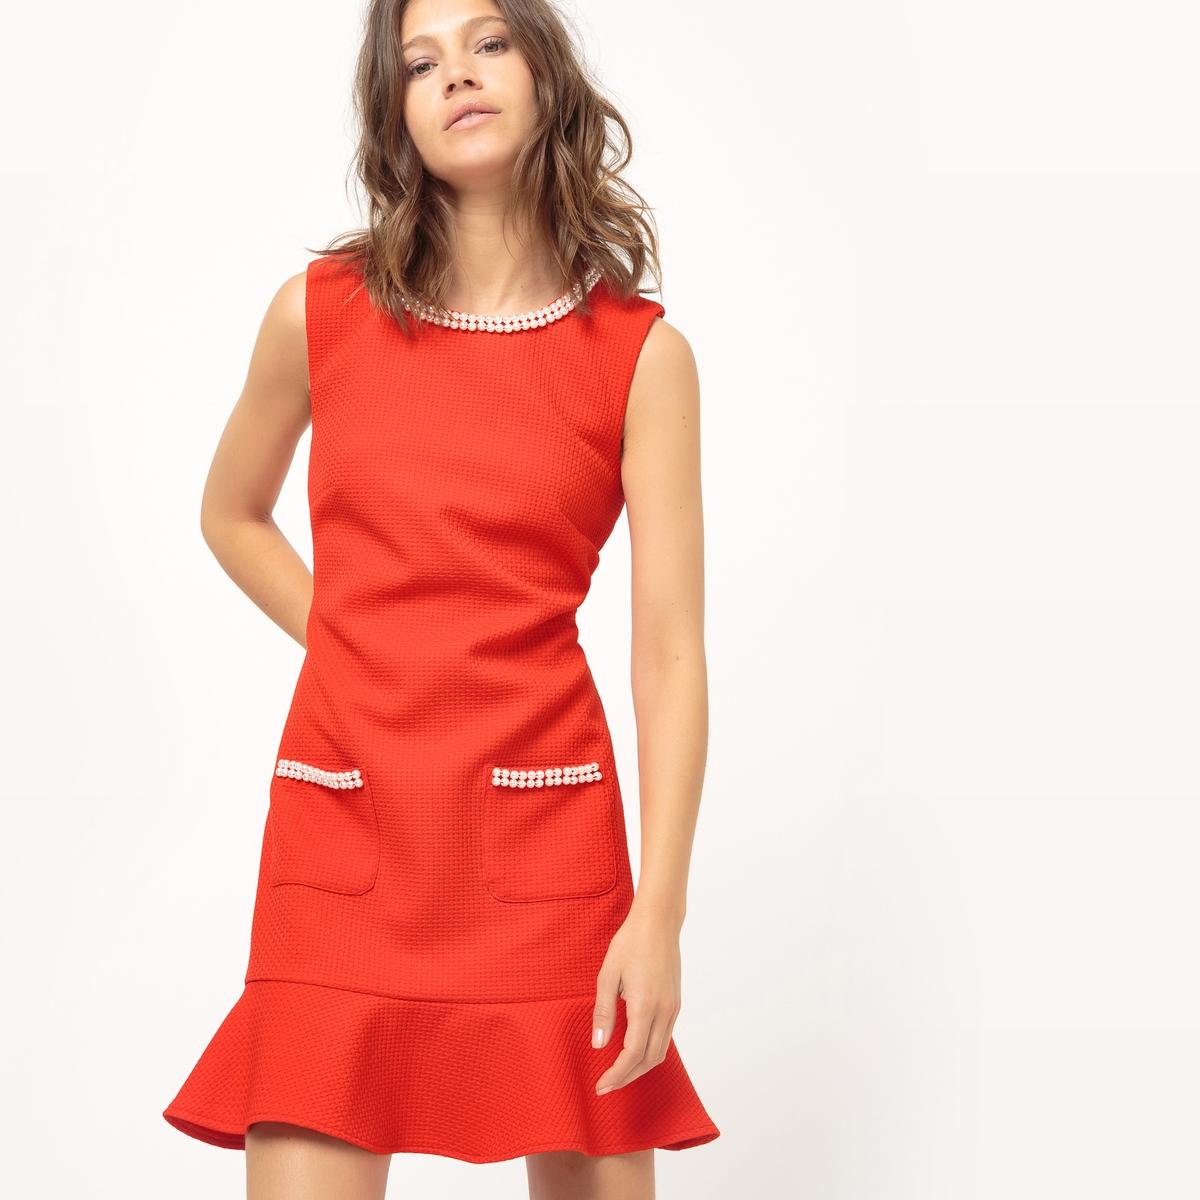 Платье прямое с баскойМатериал : 100% полиэстер   Длина рукава : без рукавов   Форма воротника : круглый вырез  Покрой платья : платье прямого покроя     Рисунок : однотонная модель Длина платья : короткое<br><br>Цвет: красный<br>Размер: S